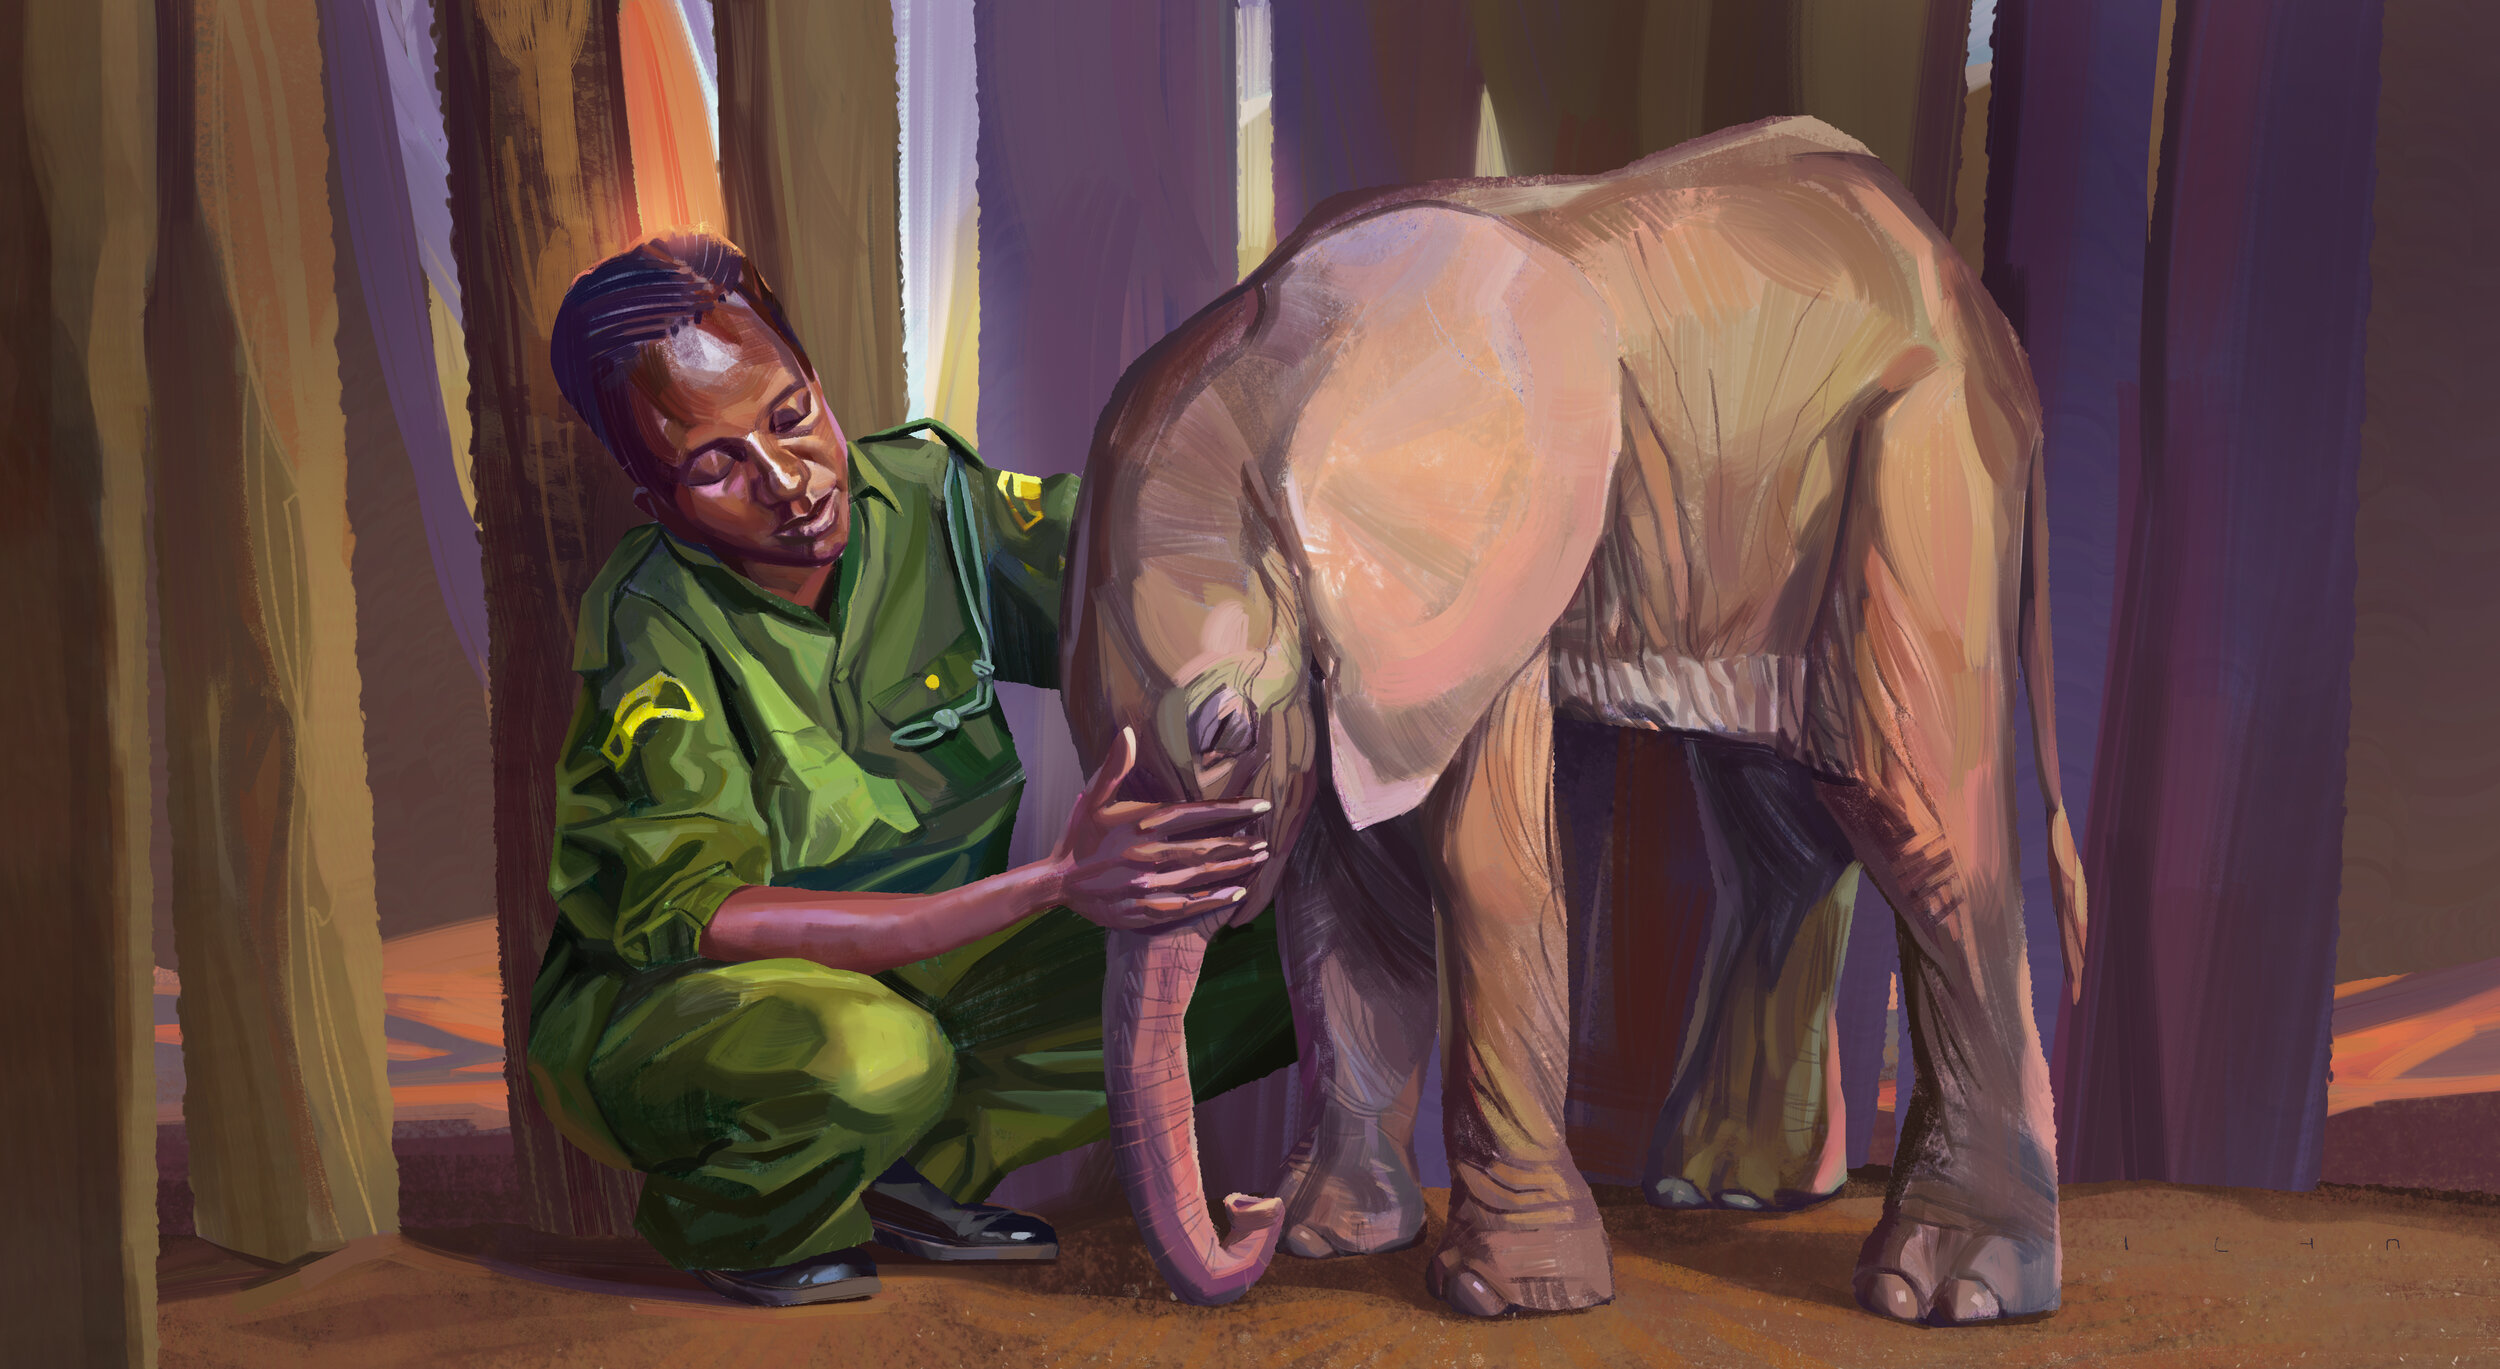 ElephantSacntuary_feeling.jpg